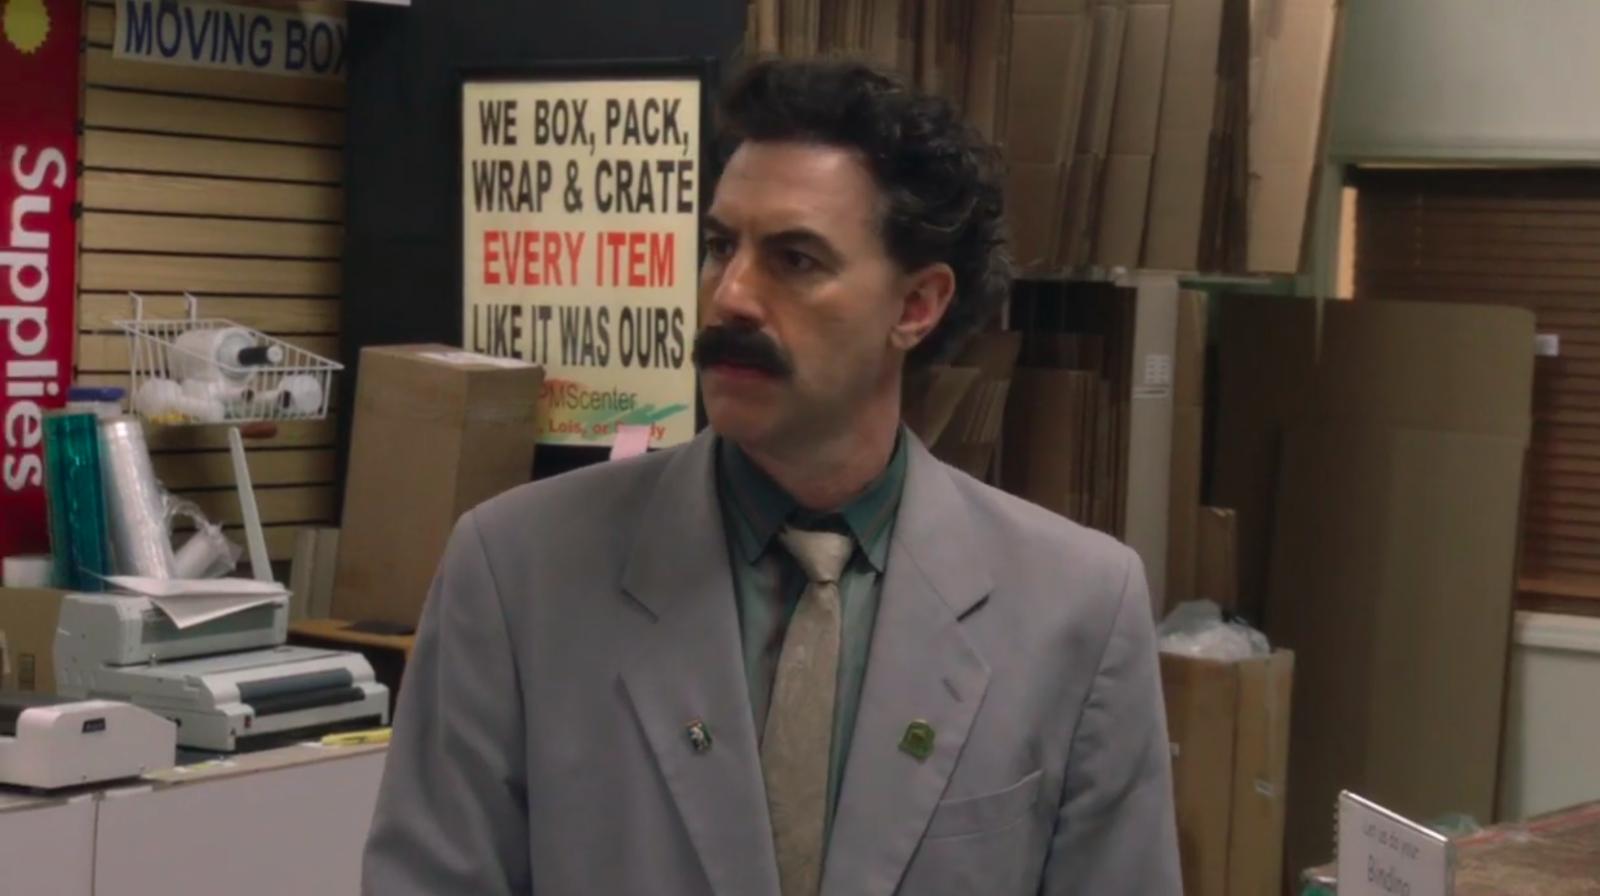 Le polemiche tra Trump e Sacha Baron Cohen sono i migliori contenuti extra del nuovo film di Borat - The Vision